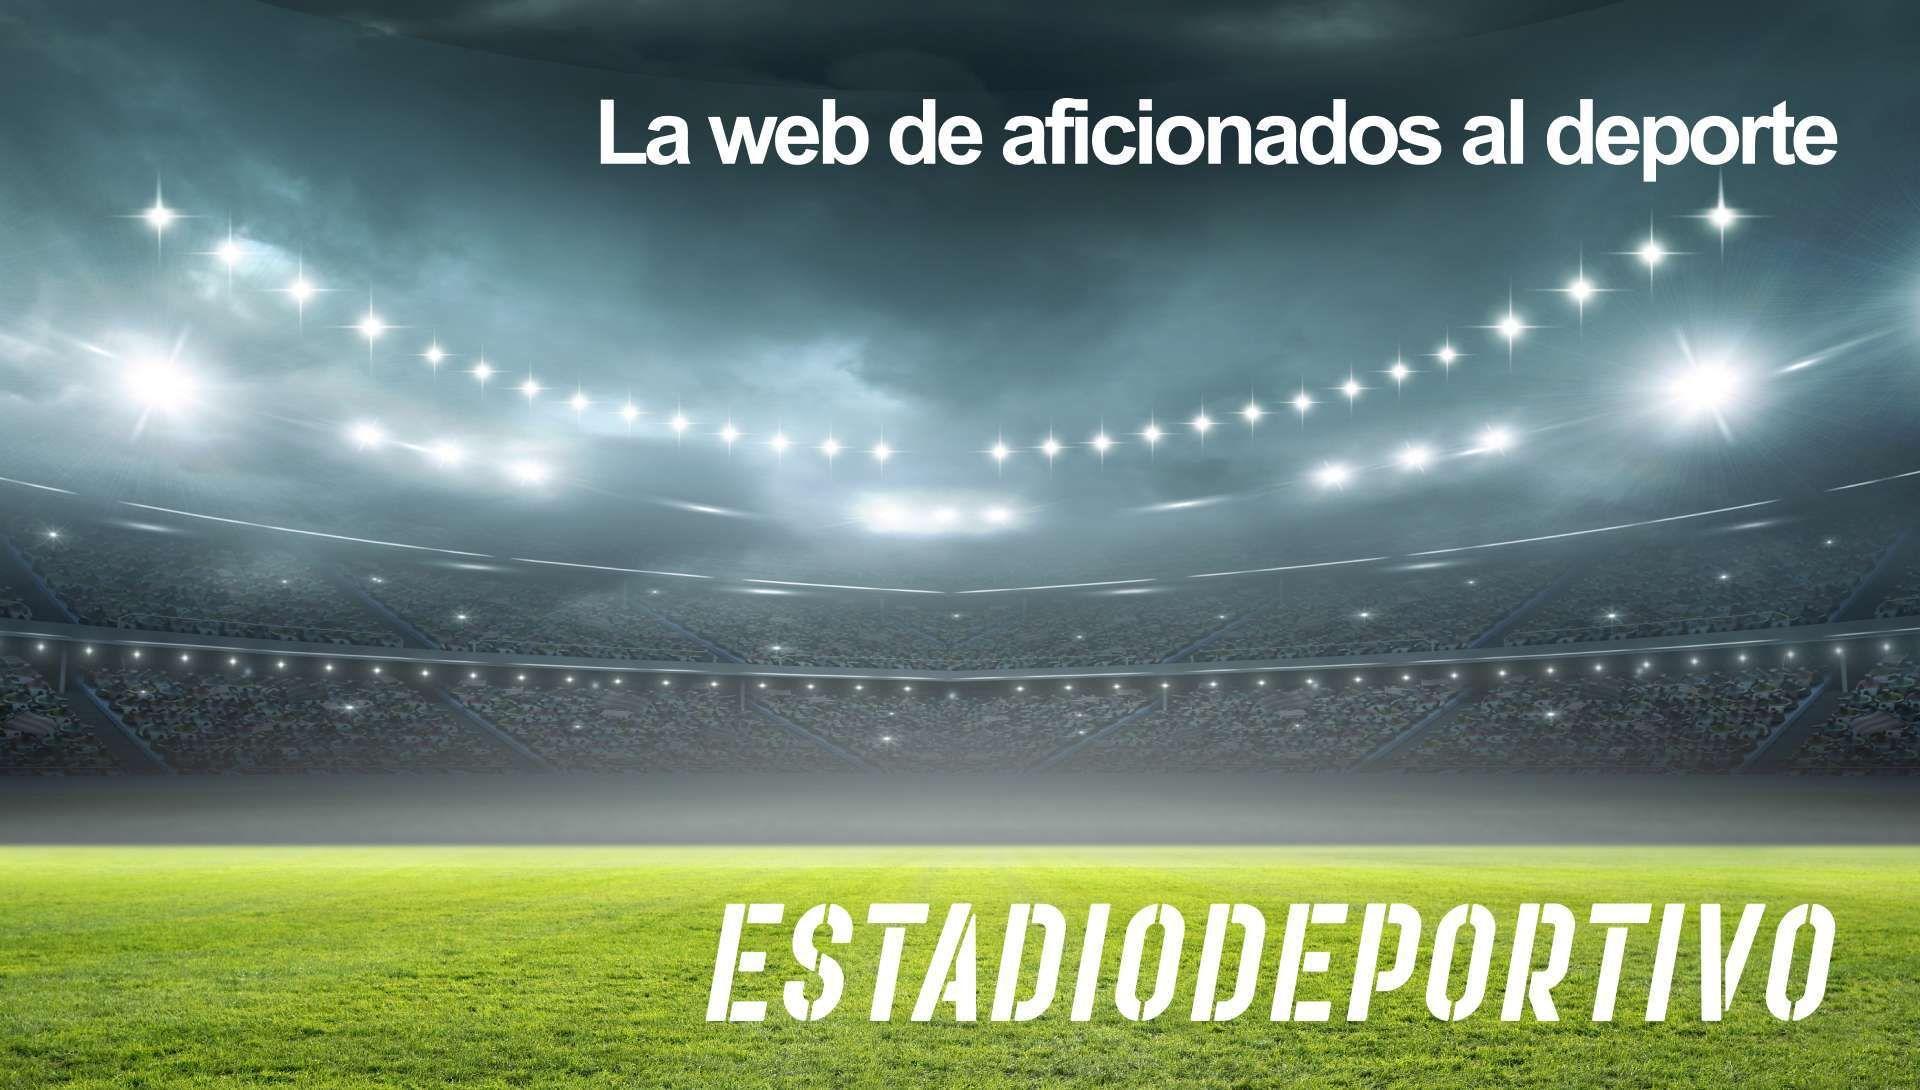 Amortización Futbolistas Betis